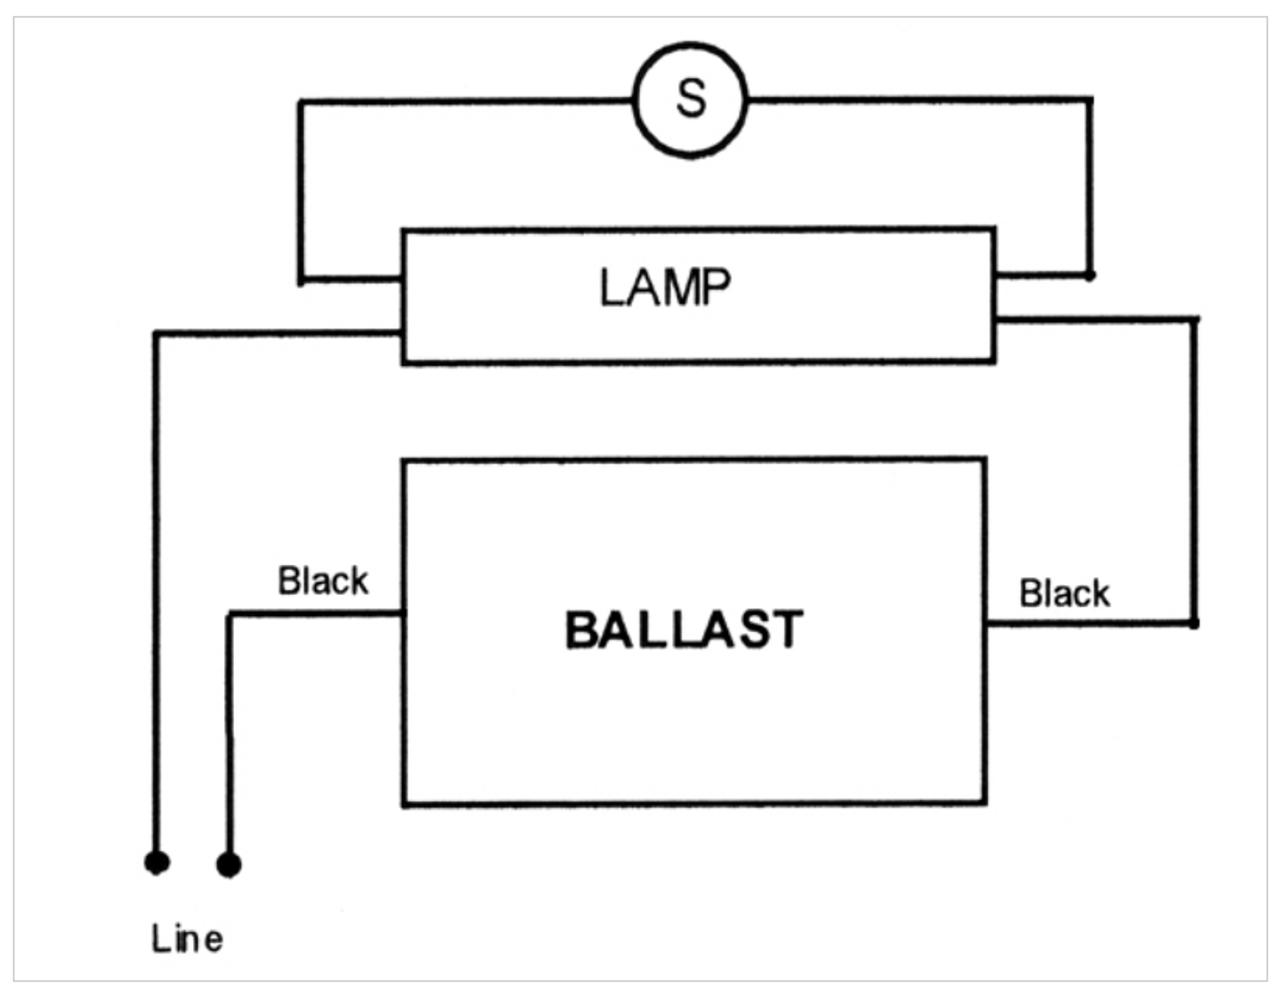 medium resolution of robertson ballast wiring diagram wiring diagrams lolsp48 robertson magnetic ballast f4t5 f6t5 f8t5 lamps